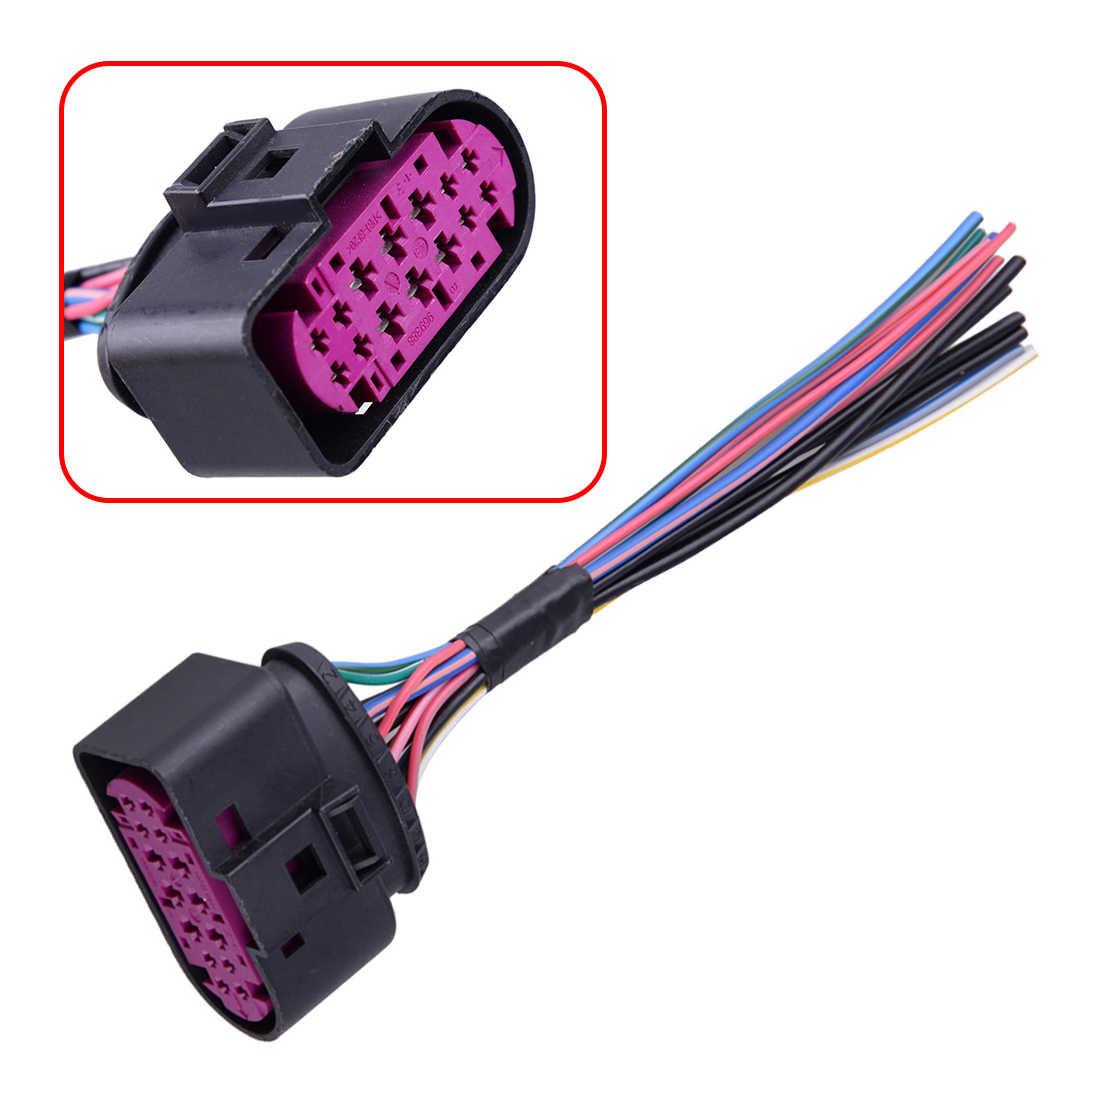 CITALL 1J0973737 14 Pim Siyah Plastik Xenon HID Far Fiş Pigtail Bağlayıcı Fit Audi Q5 Q7 TT A4 S4 a5 A6 A8 TTRS